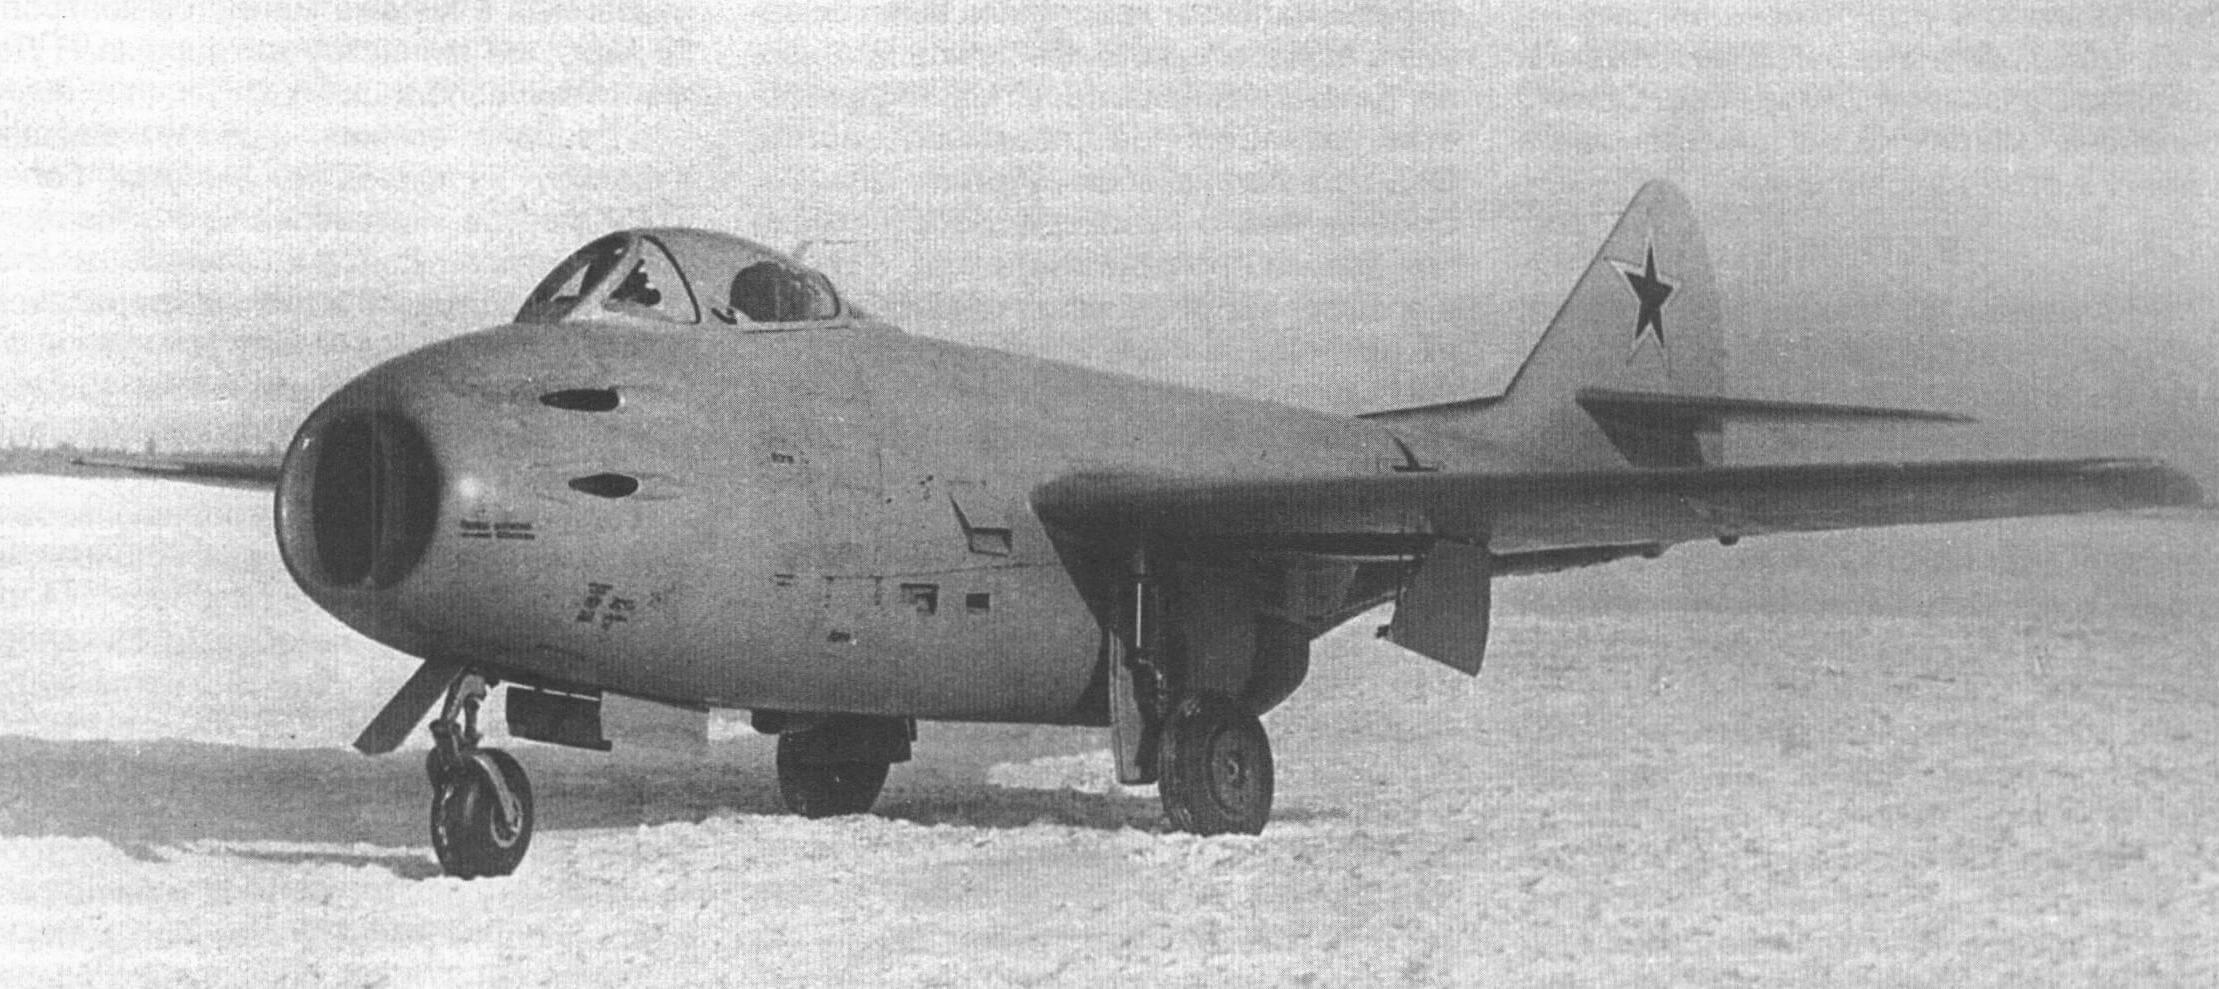 Опытный экземпляр самолета И-308 («ФР»)